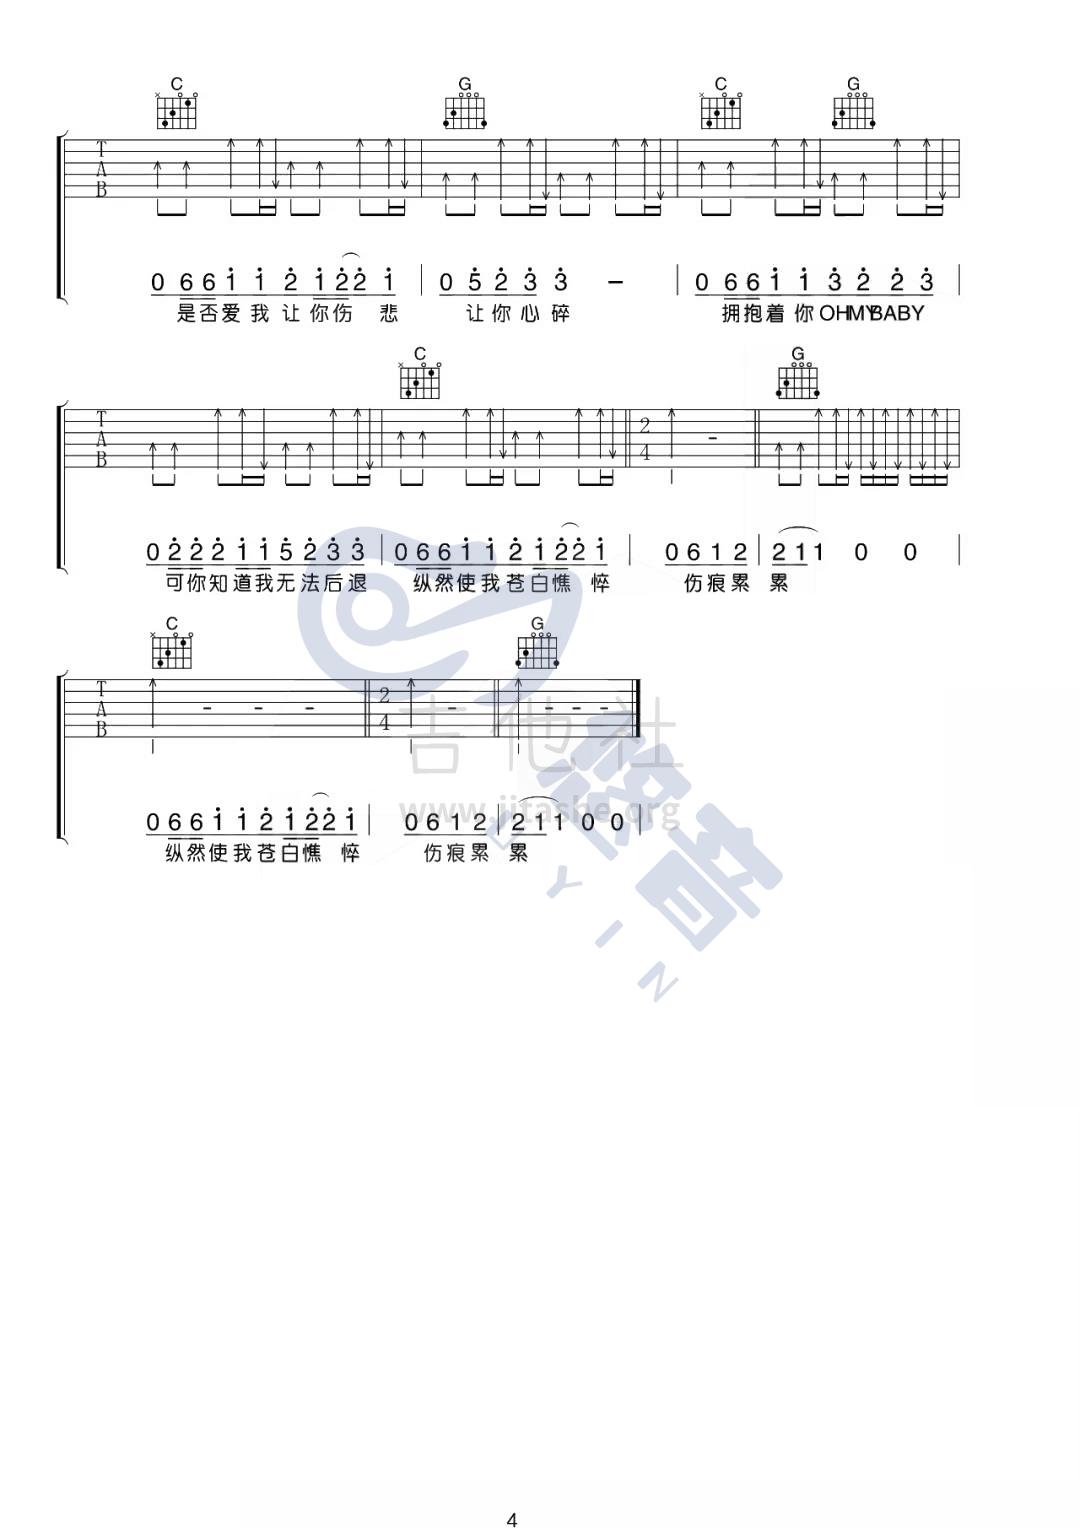 执着吉他谱(图片谱,弹唱,C调,扫弦)_许巍_执着_UYIN_4.png